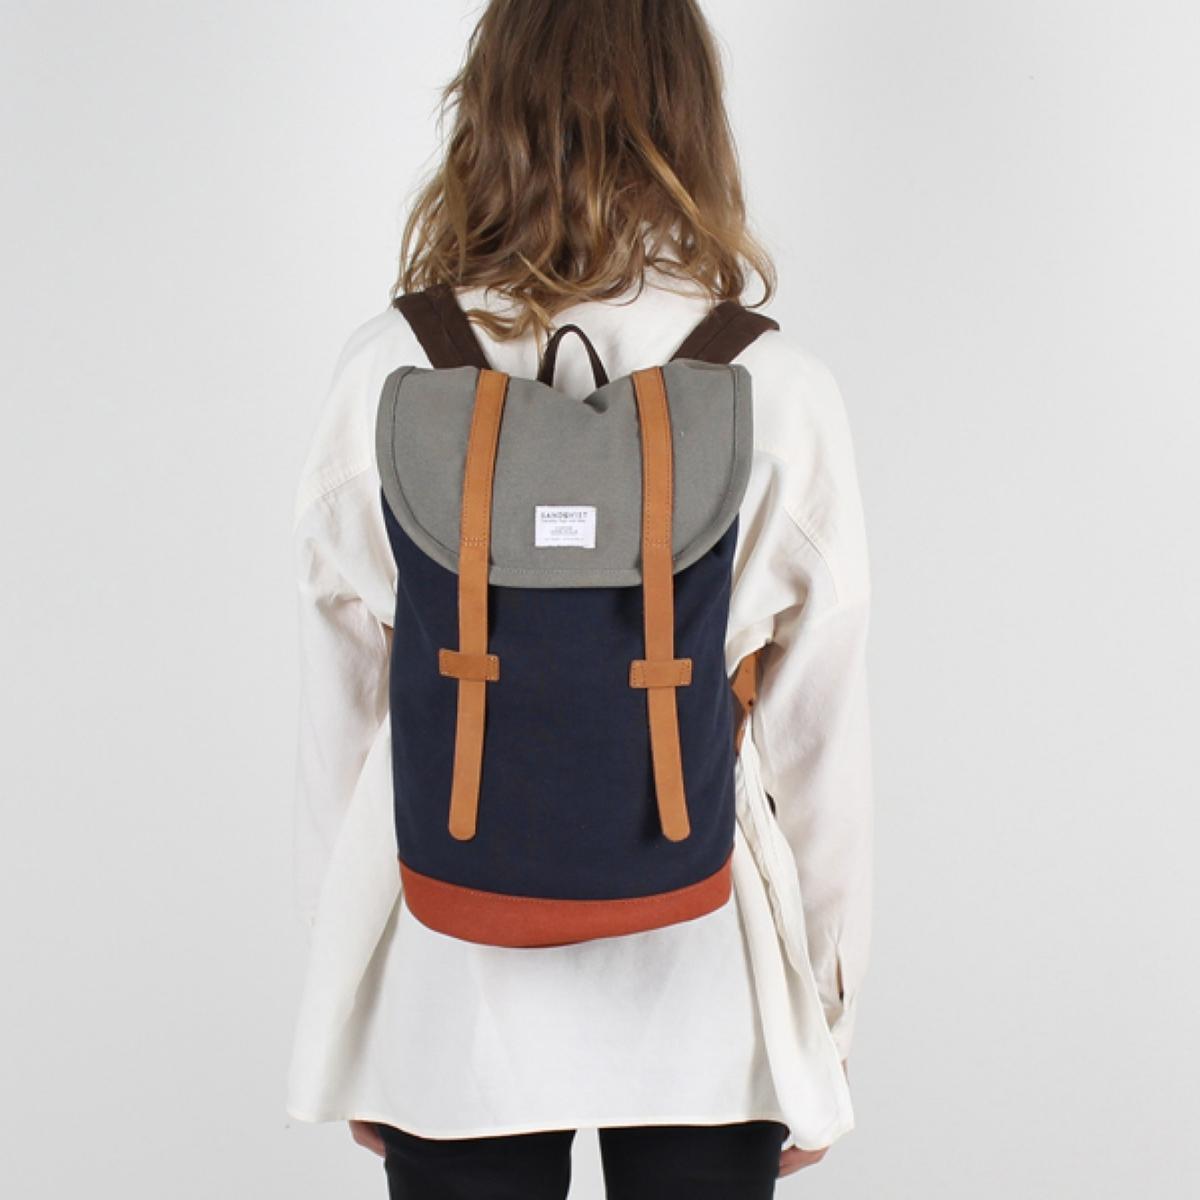 Рюкзак специально для ноутбука 13 дюймов, STIG